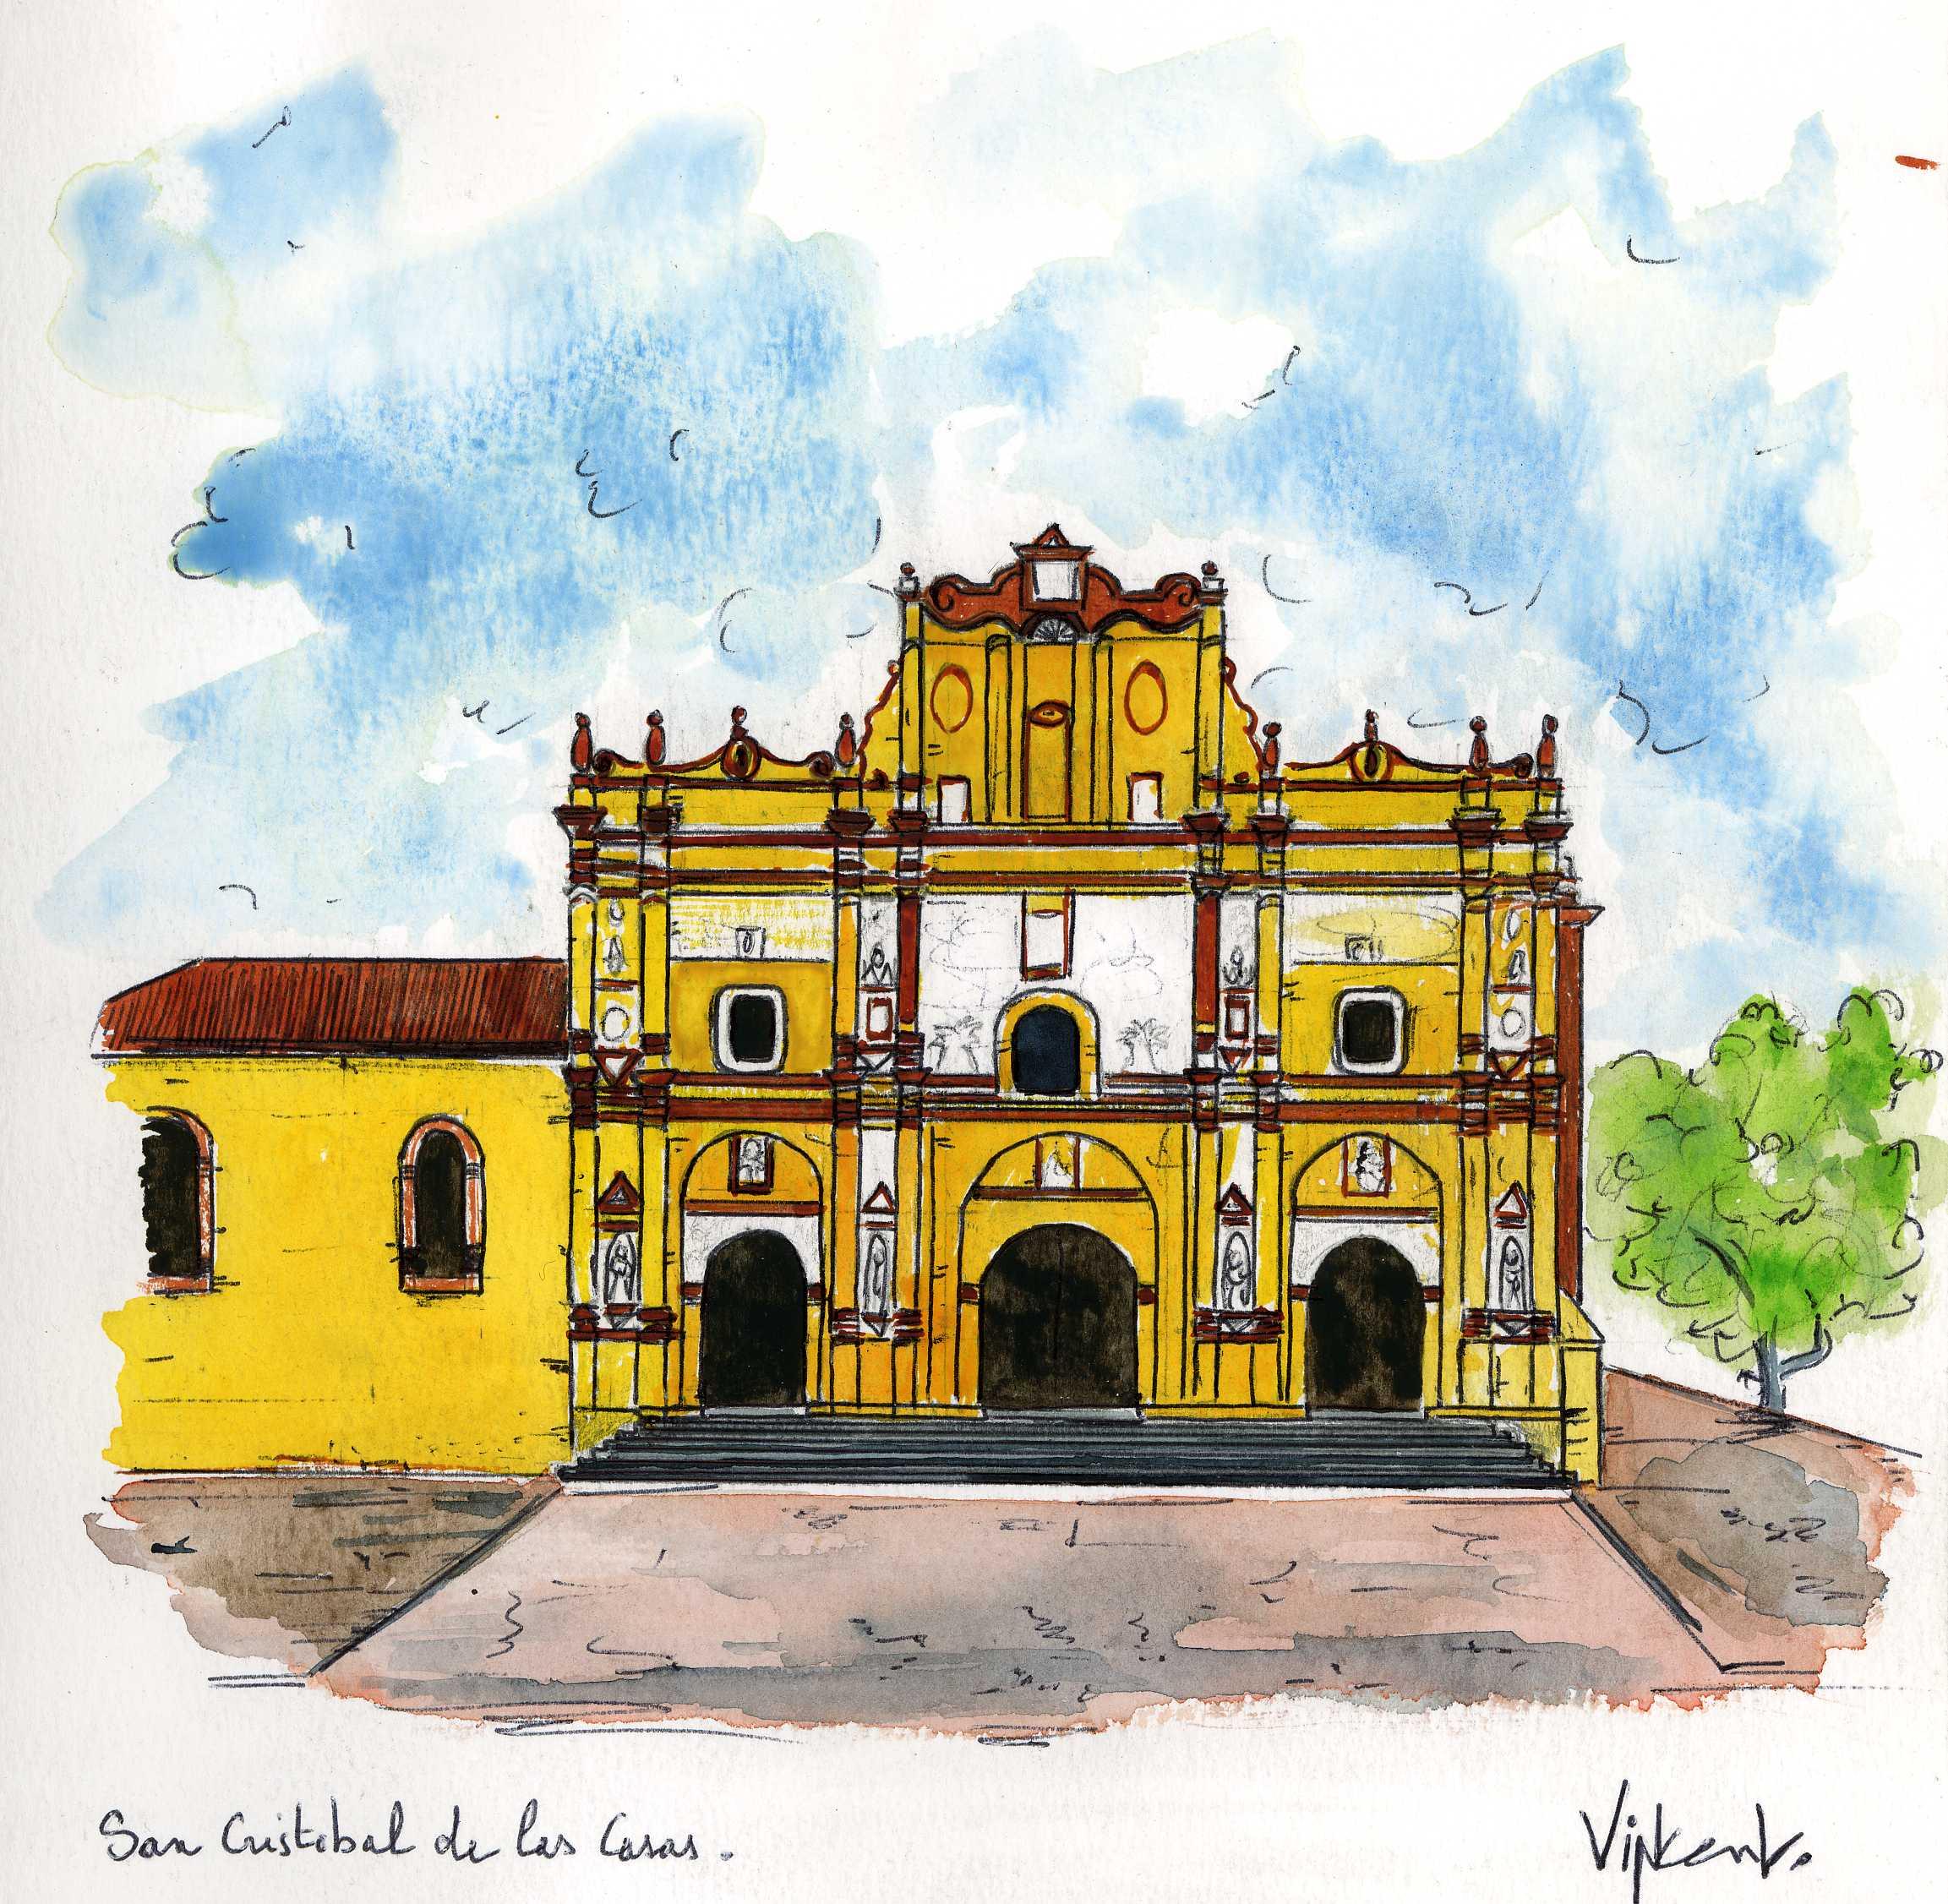 Aquarelle, Mexique, San Cristobal de las Casas, février 2005